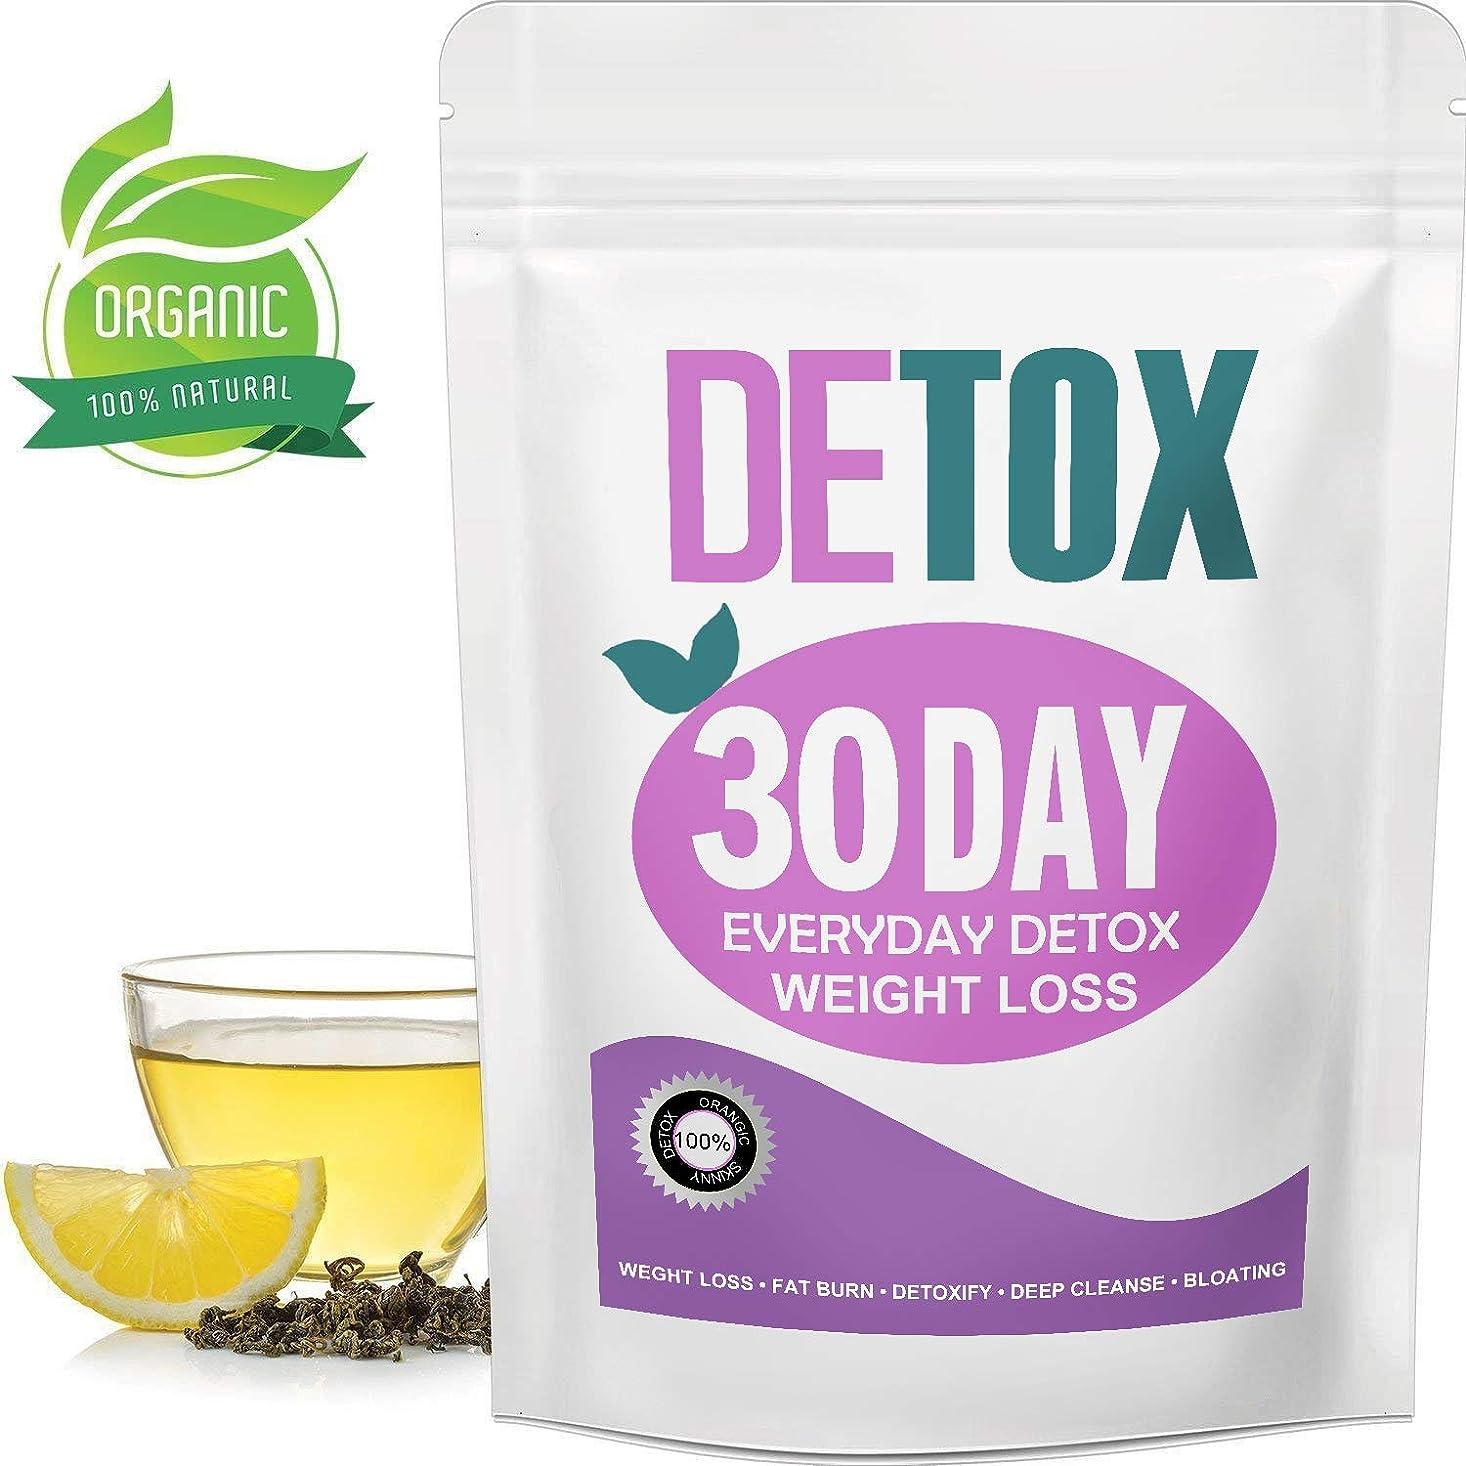 騒ぎ却下する作る痩身茶 ハーブティー 天然ダイエット飲料 痩身コンディショニング茶 (30日)